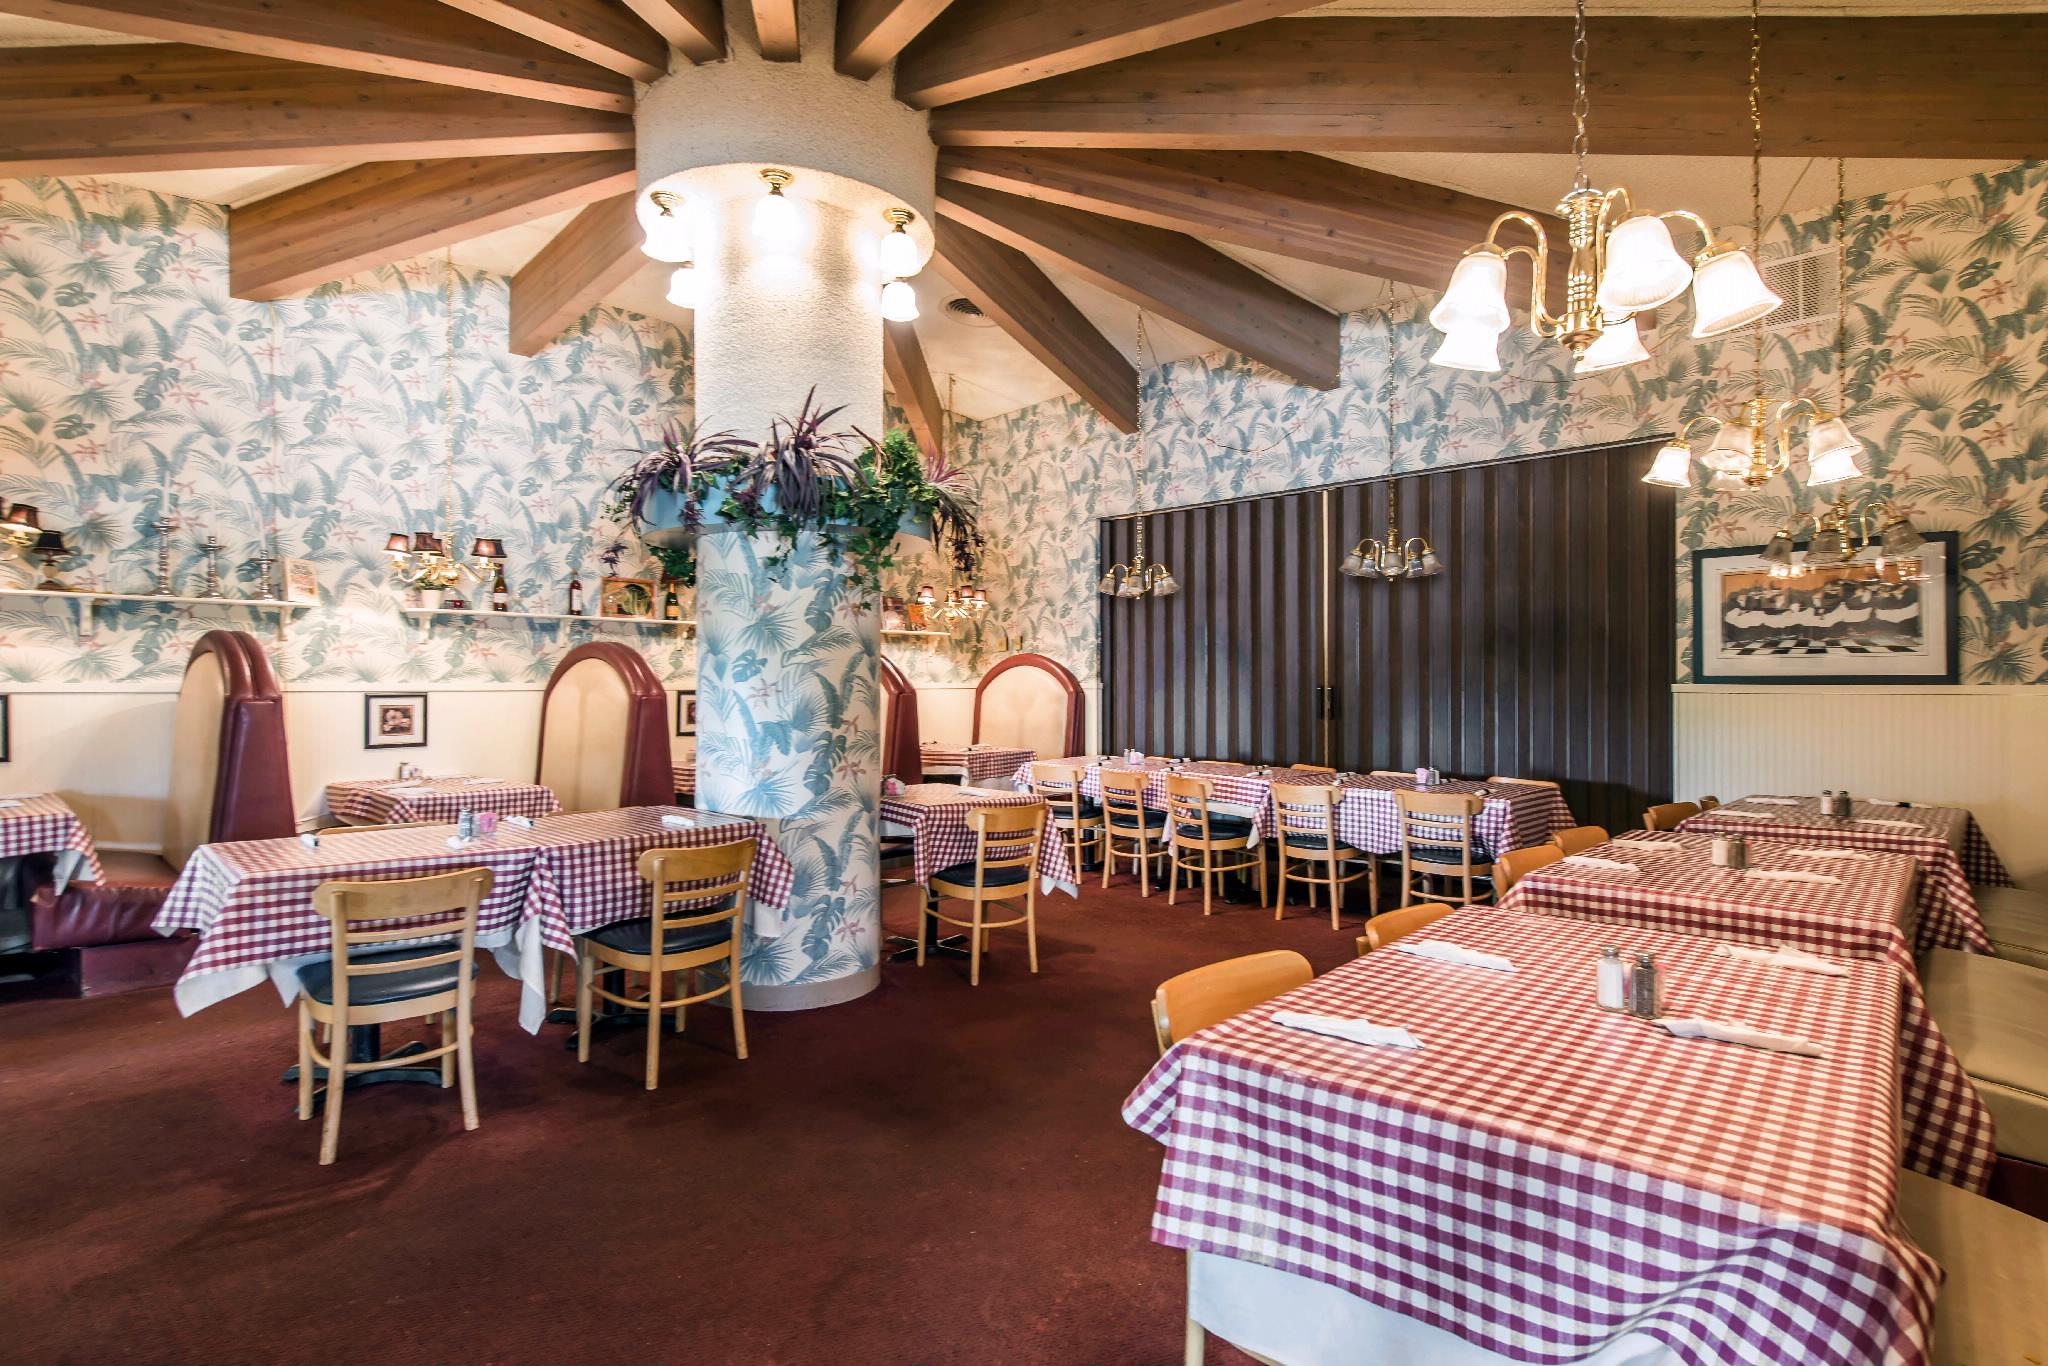 Rodeway Inn Golden Prairie, Stratton CO